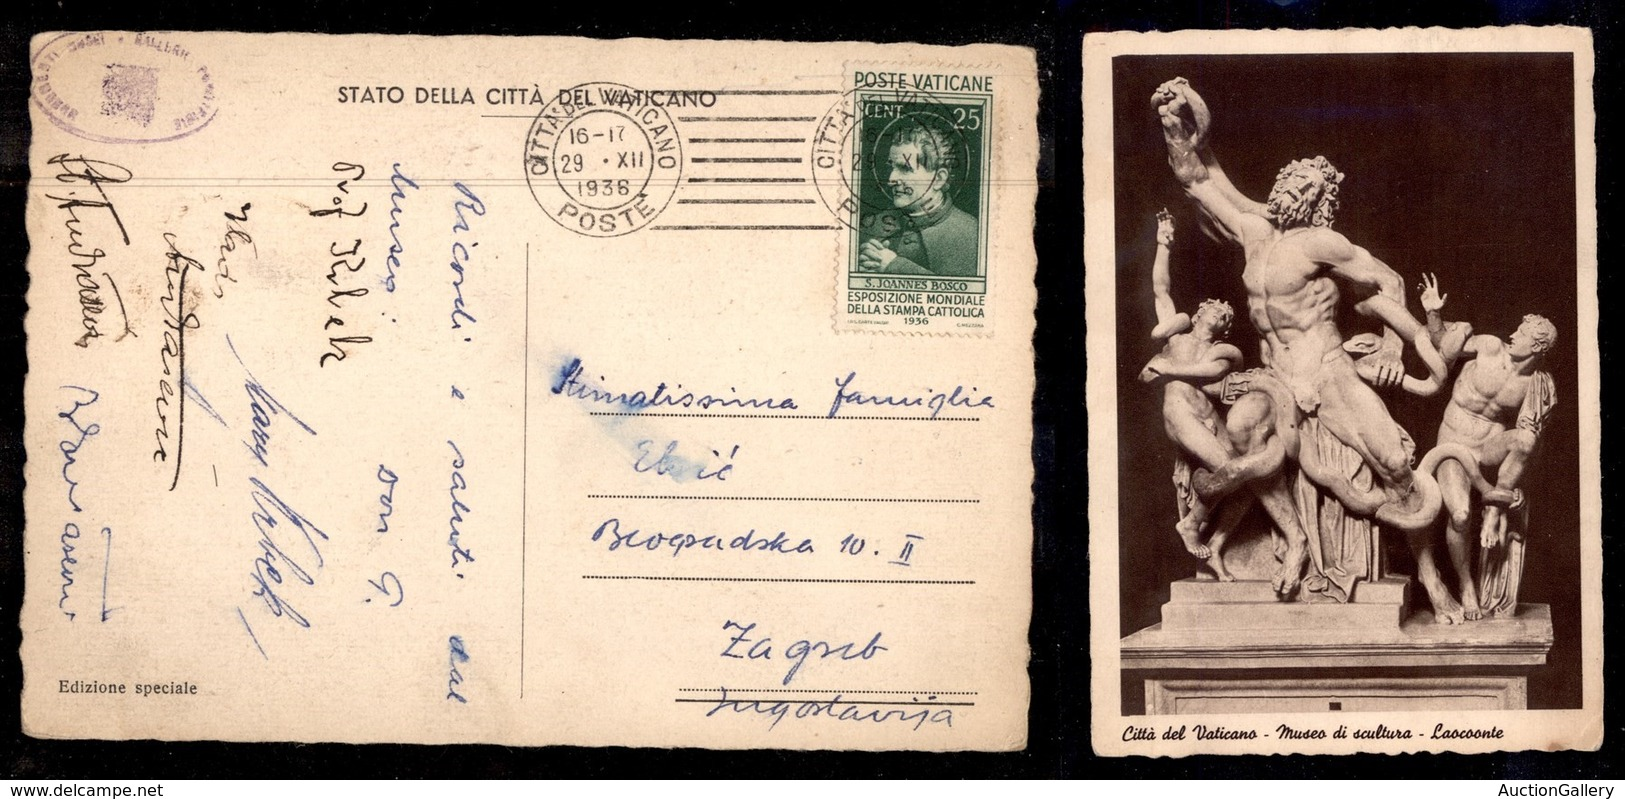 VATICANO - 25 Cent Stampa Cattolica (49) Isolato Su Cartolina Per Zagabria Del 29.12.36 (150+) - Stamps